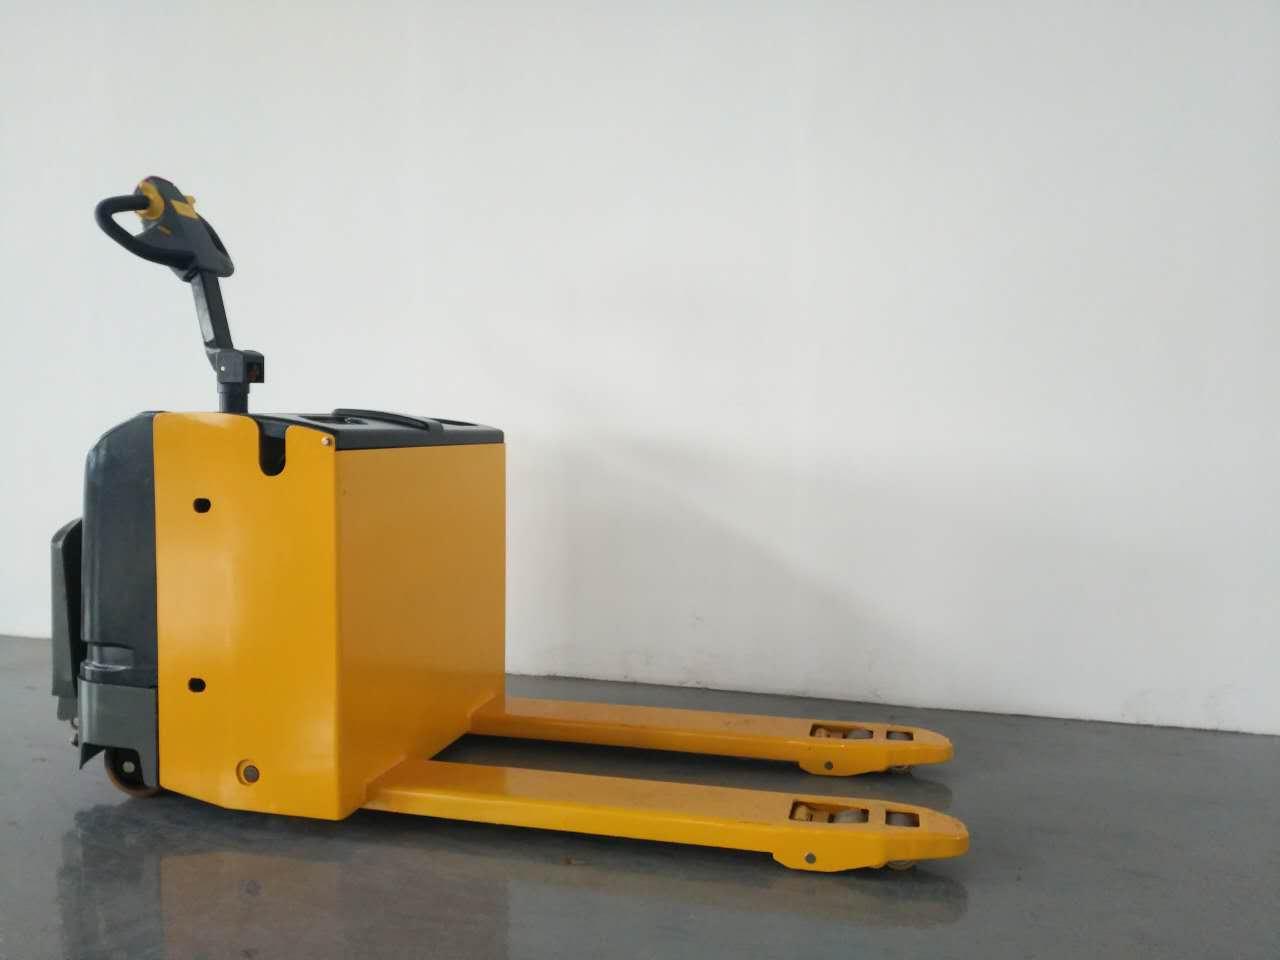 海南大吨位搬运车电动叉车24V 服务为先「安徽安顺叉车供应」